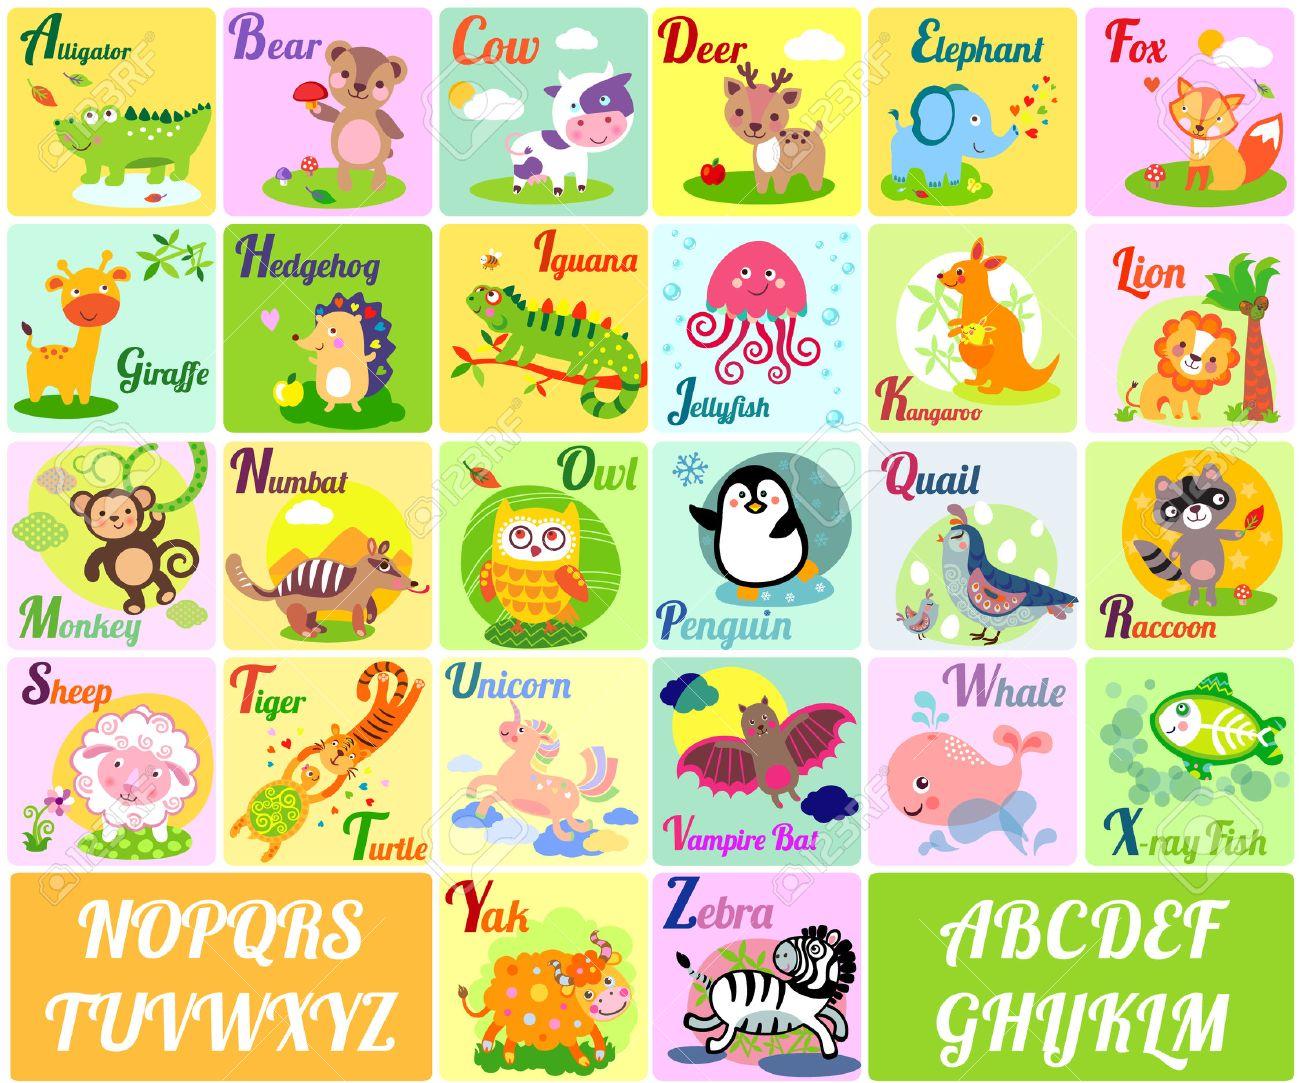 かわいい動物のアルファベット。英語のアルファベットのポスター